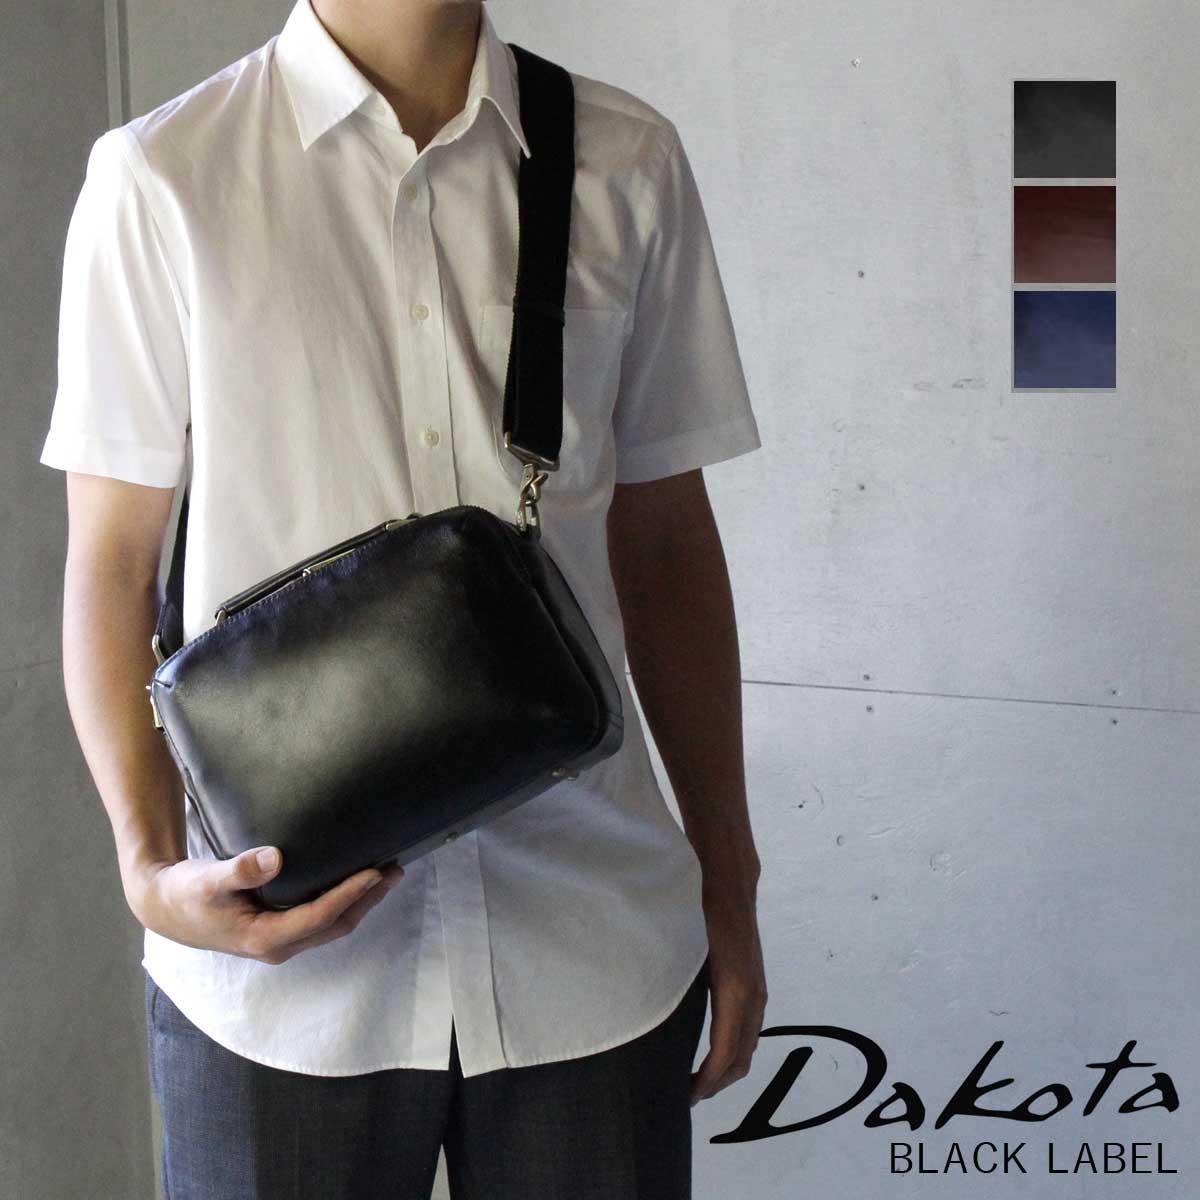 【選べるノベルティ大好評】Dakota BLACK LABEL ダコタブラックレーベル カワシ2 2WAYミニショルダーバッグ【A5】セカンドバッグ 牛革 本革 1620260